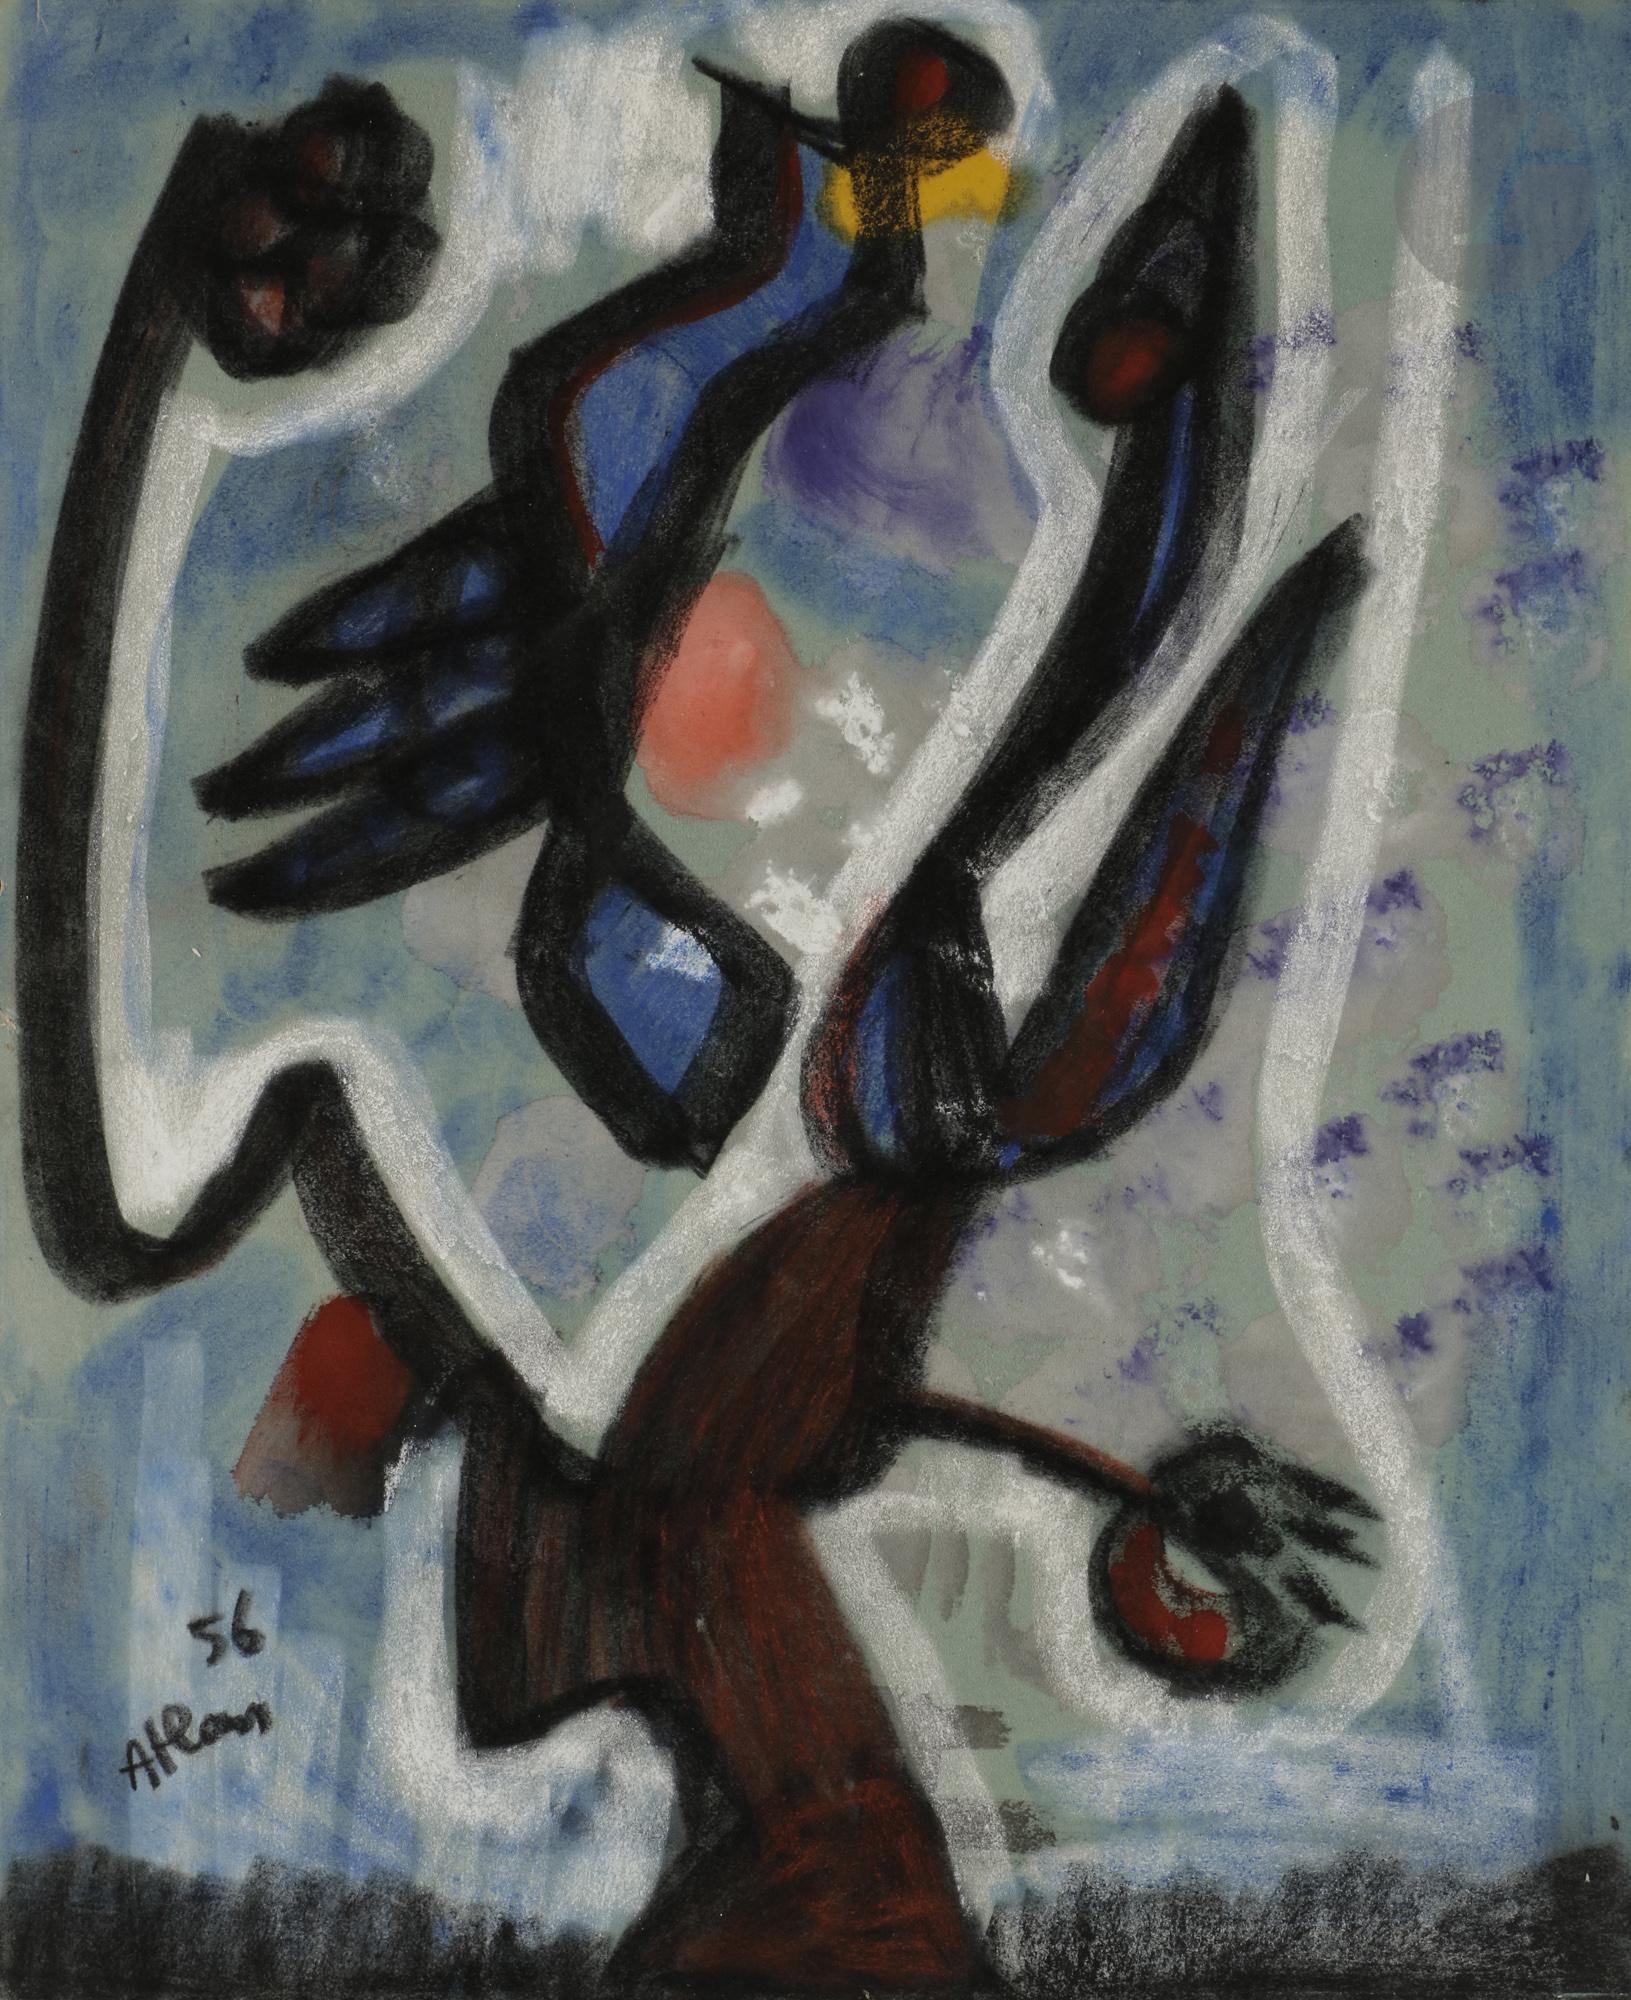 Lot 12 - Jean-Michel ATLAN (1913-1960) Composition, 1956 Pastel sur carton. Signé et daté en bas à gauche. (